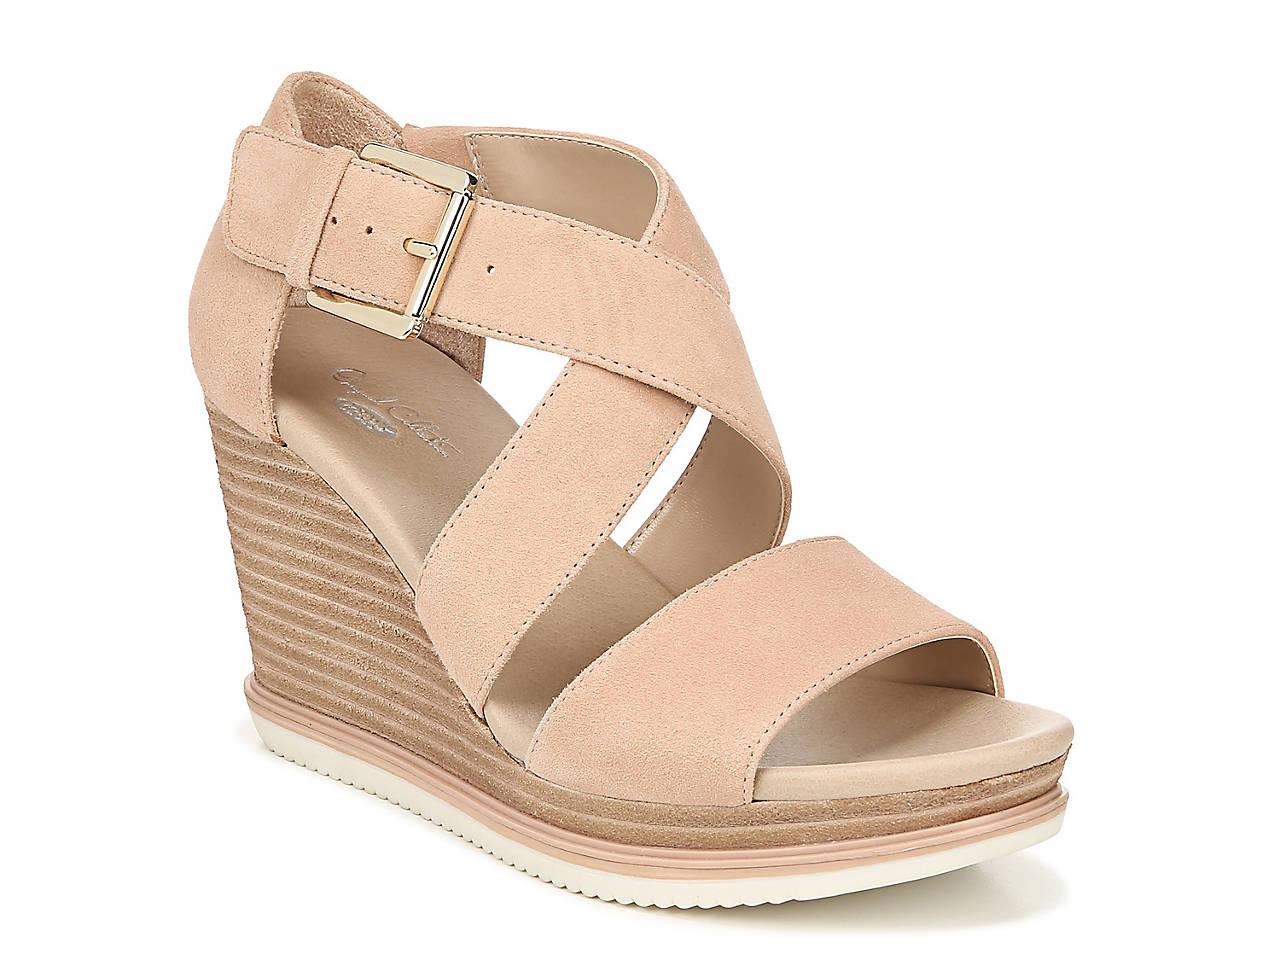 2d4bb53d60f Dr. Scholl s Sweet Escape Wedge Sandal Women s Shoes